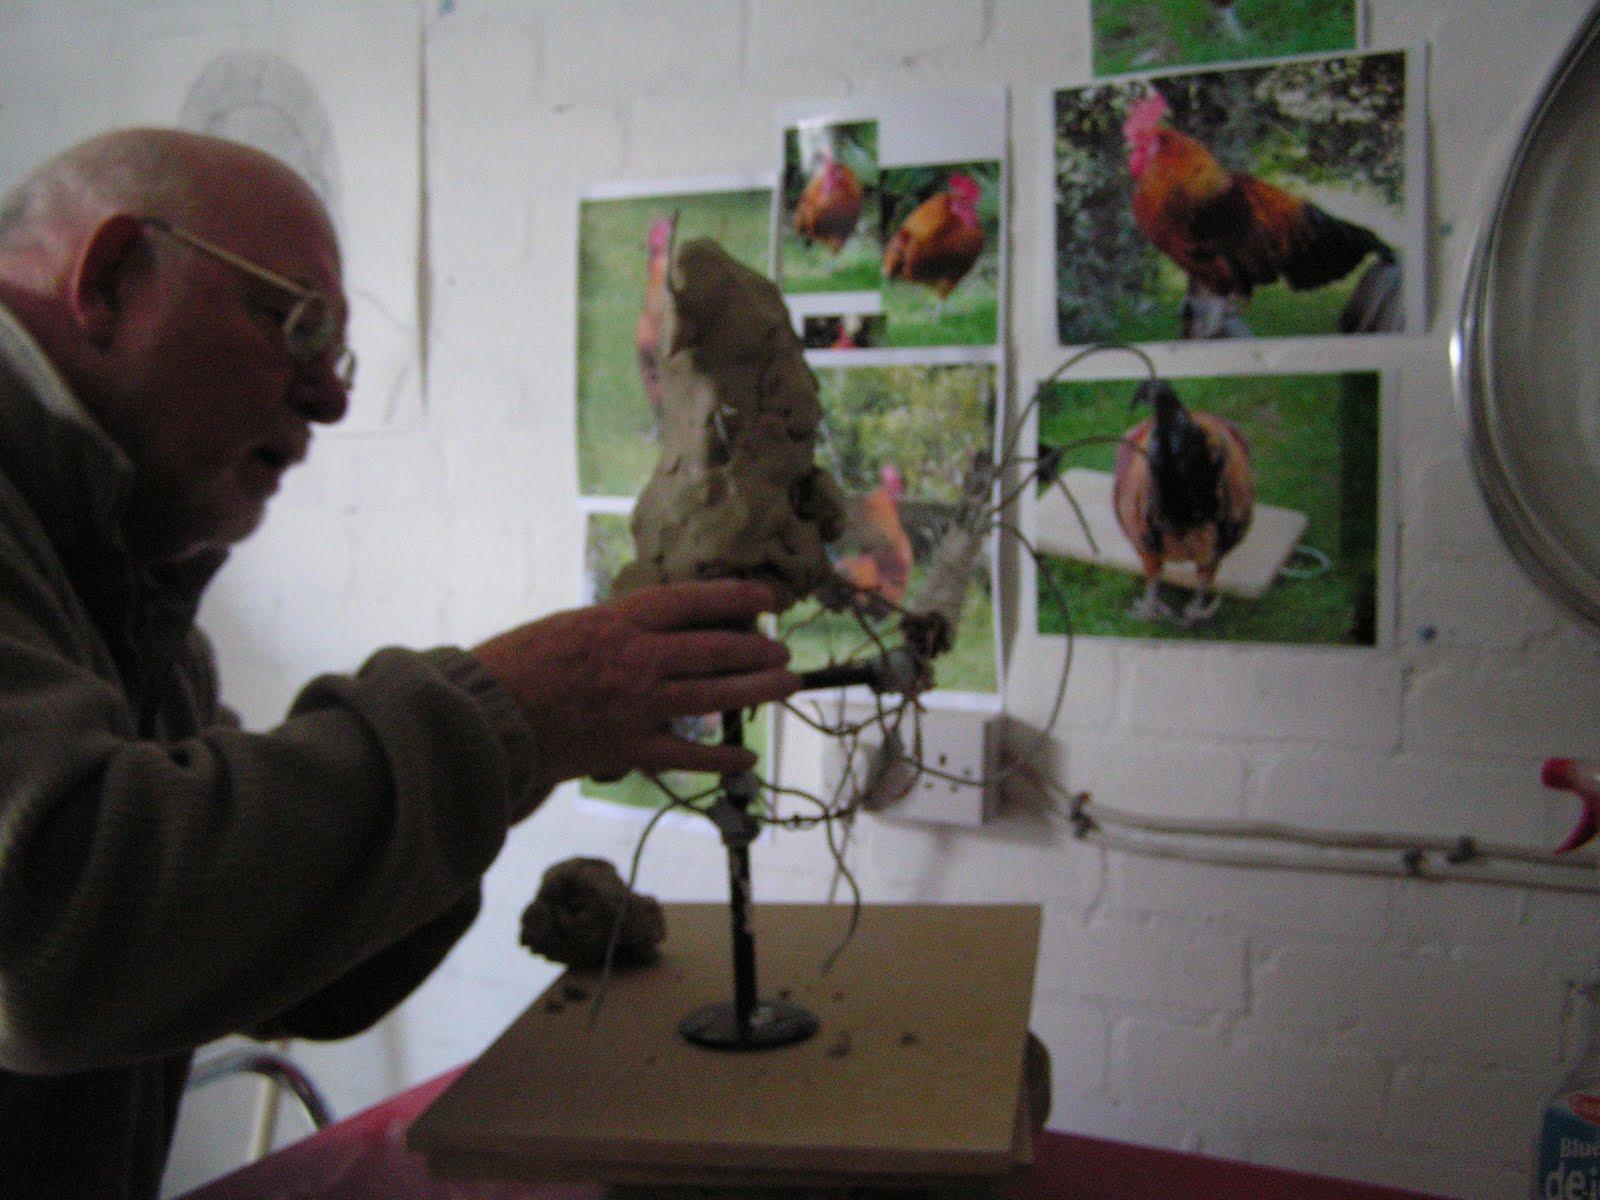 animal-sculpture: Cockerel Sculpture in Progress